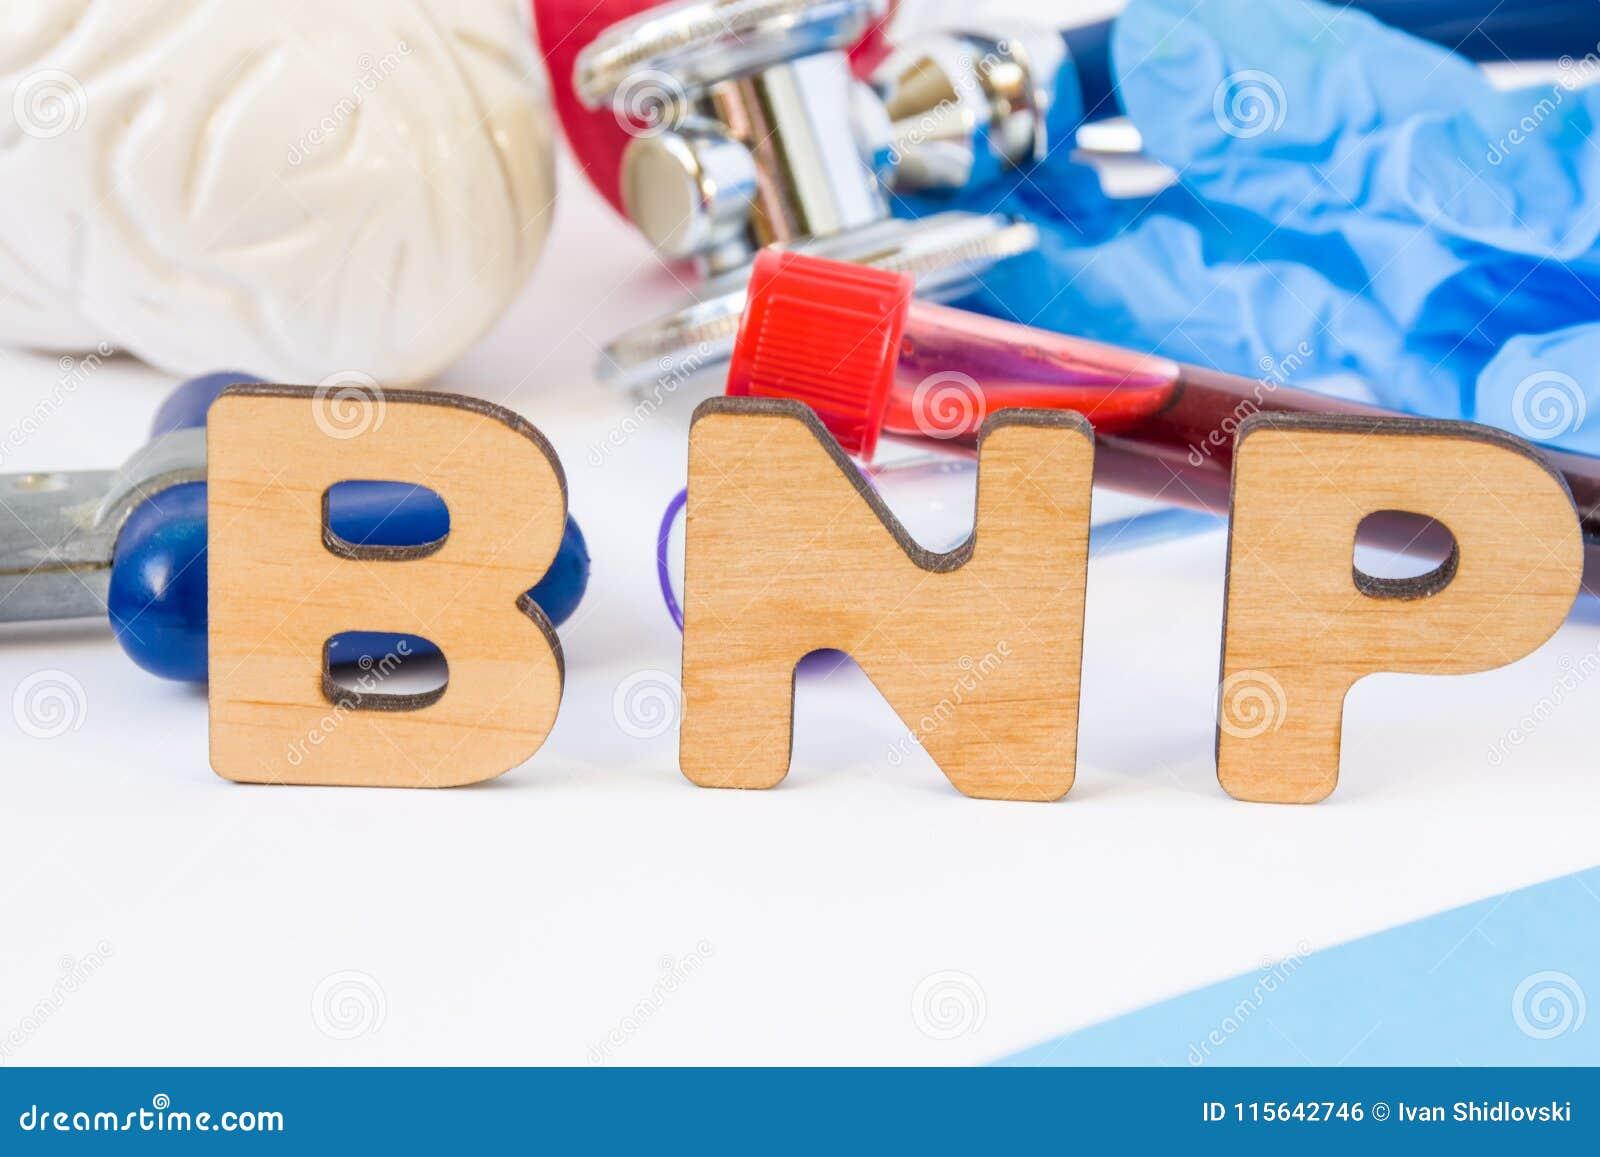 De afkorting of het acroniem van BNP in voorgrond in laboratorium wetenschappelijke of medische praktijk die hersenen natriuretic